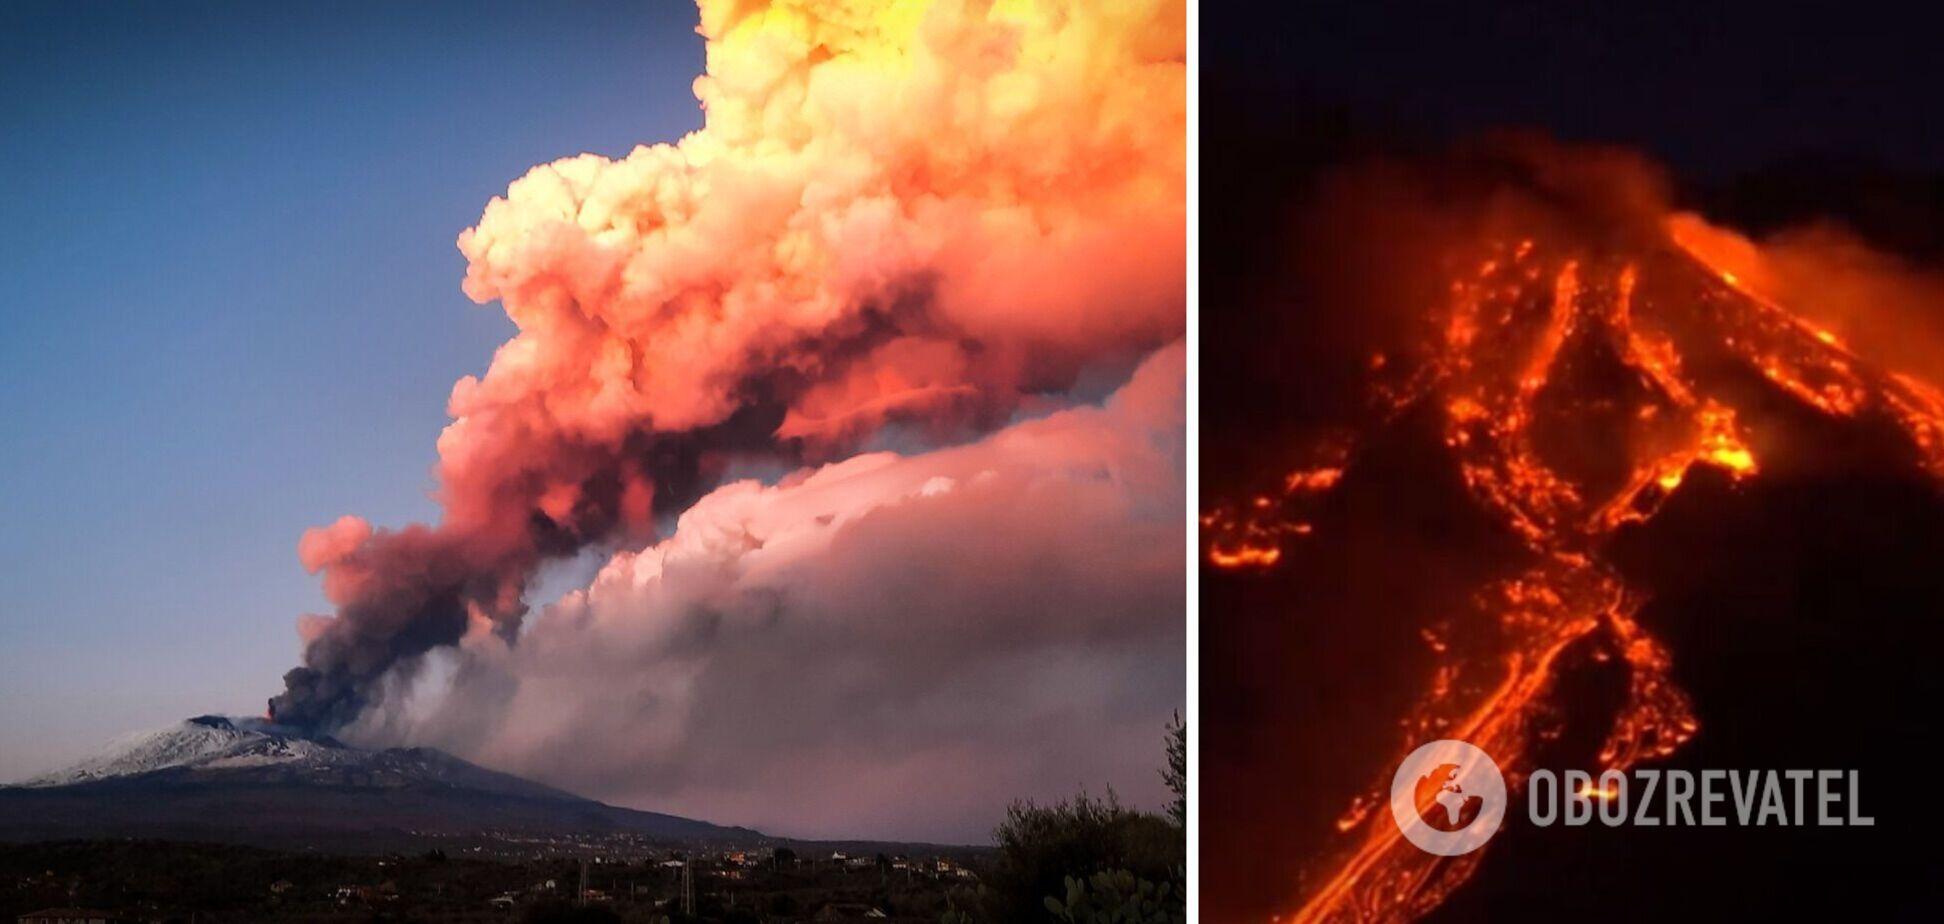 В Италии началось мощное извержение вулкана Этна. Зрелищные фото и видео